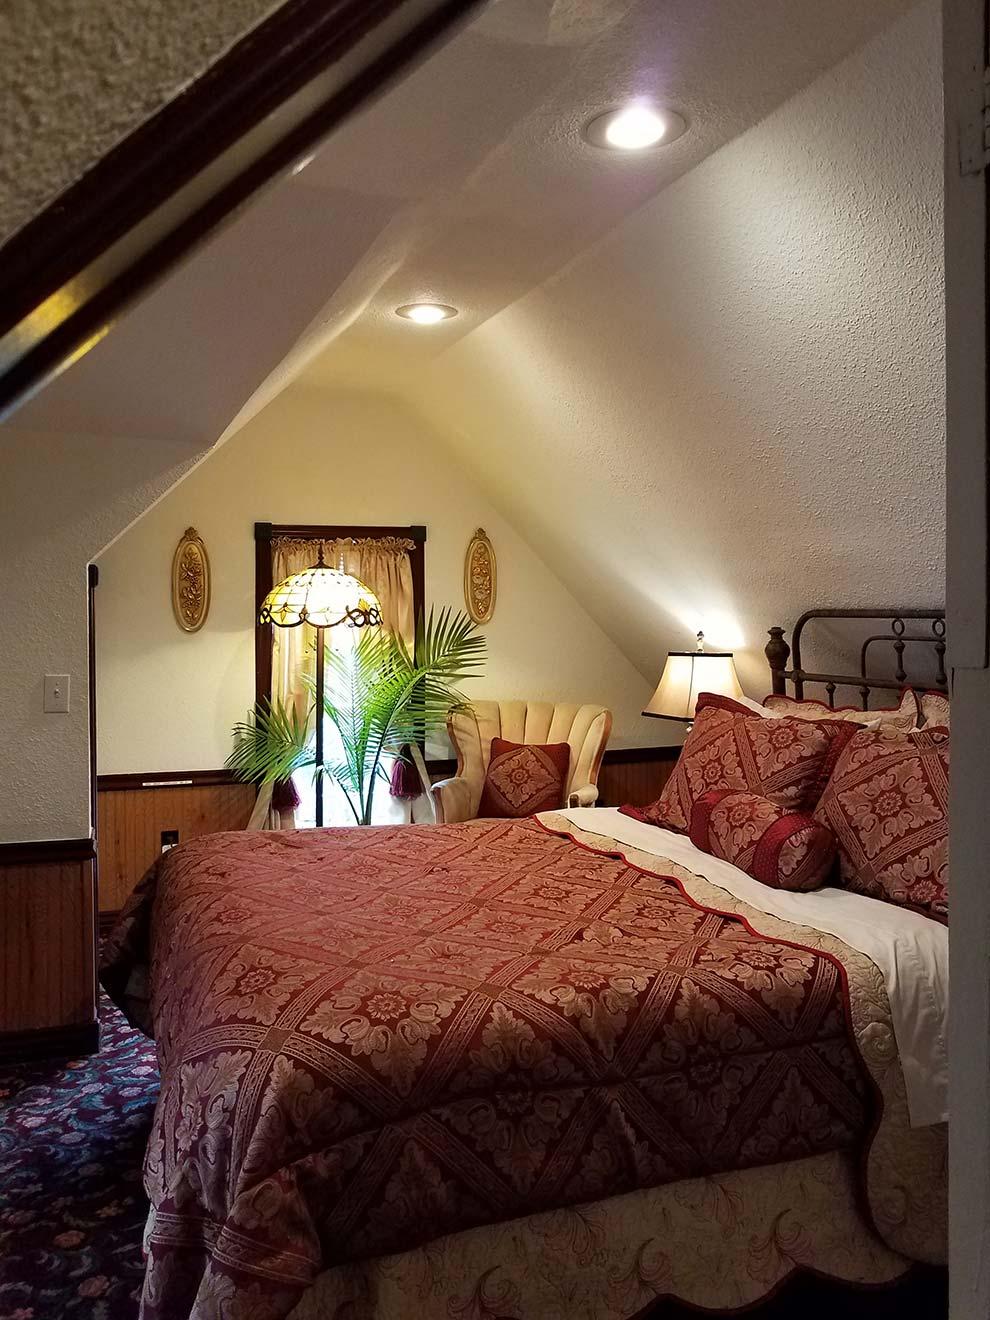 Queen Bedroom Suite: Bridgeford House Bed & Breakfast